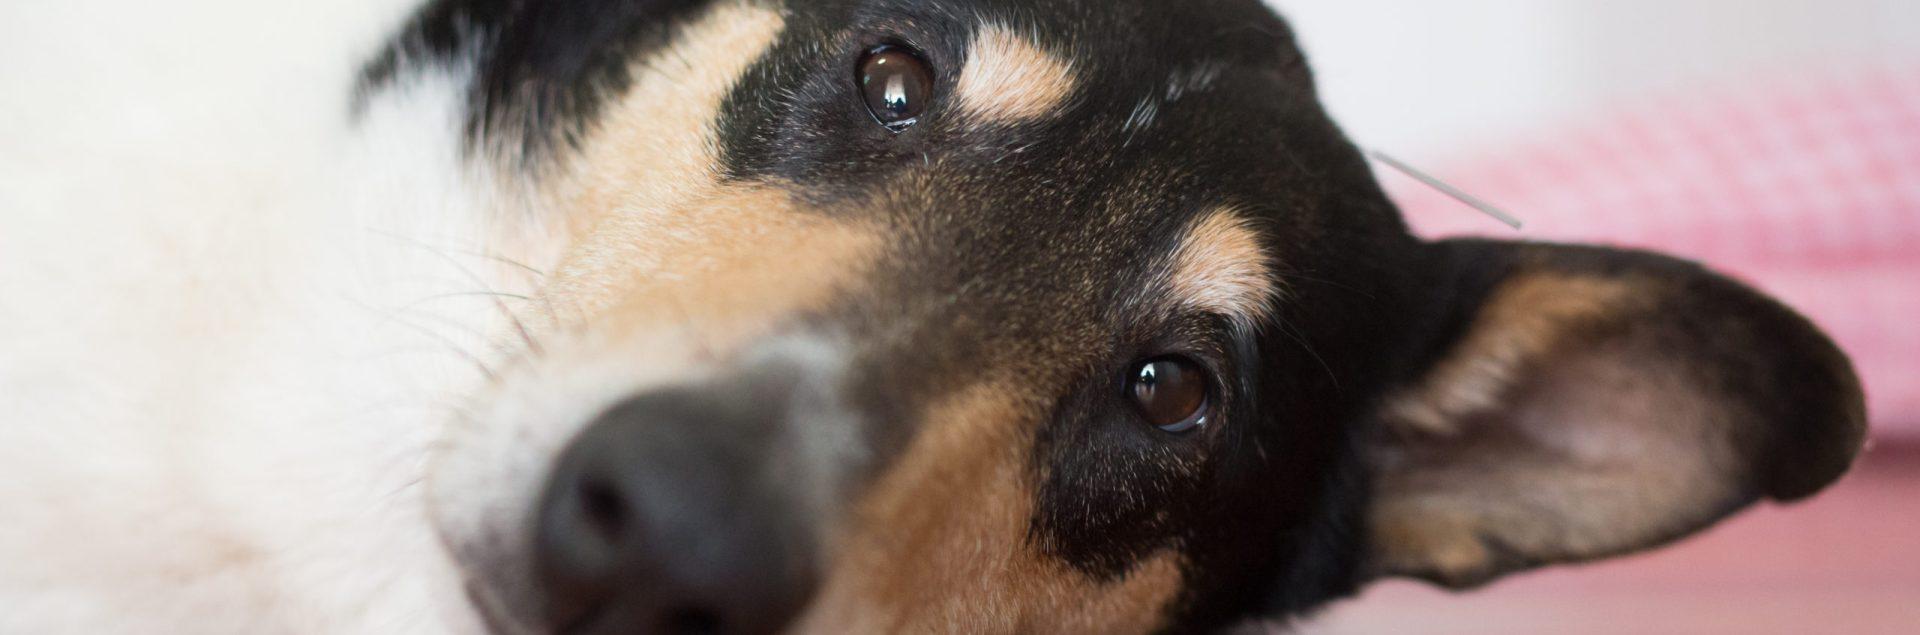 Koira makaa lattialla ja sillä on akupunktioneula päälaella.